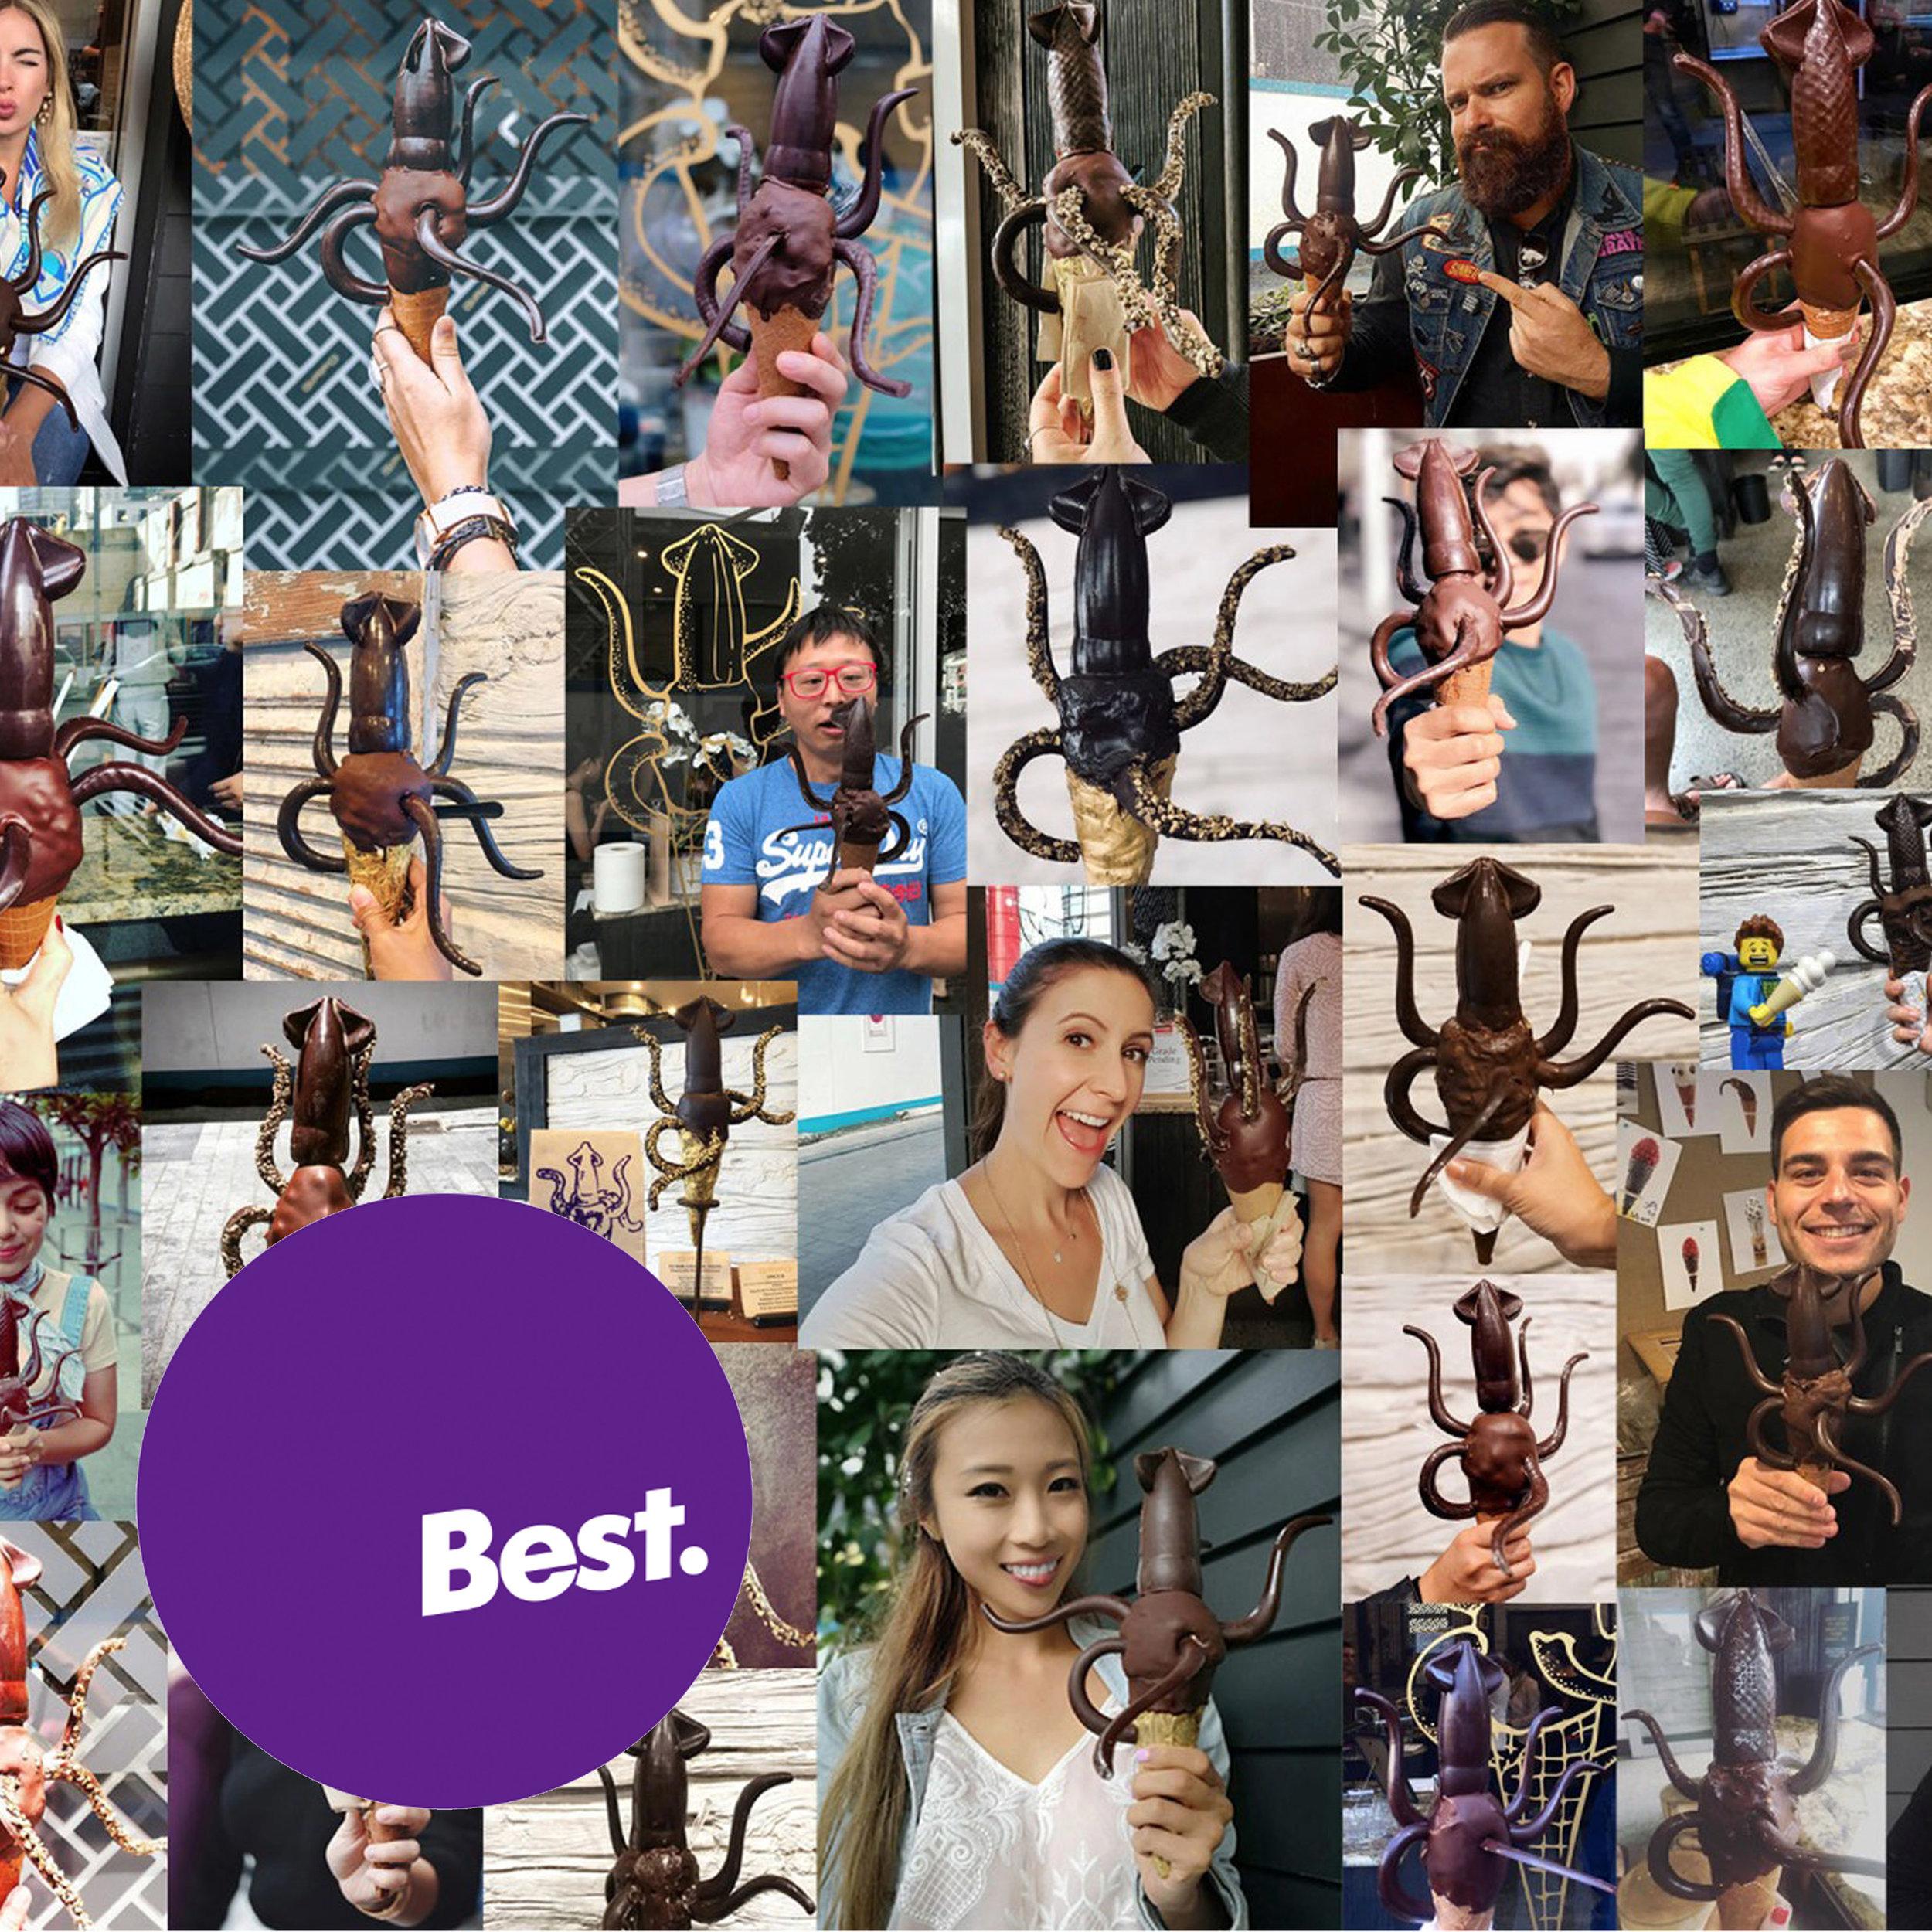 best awards2.jpg